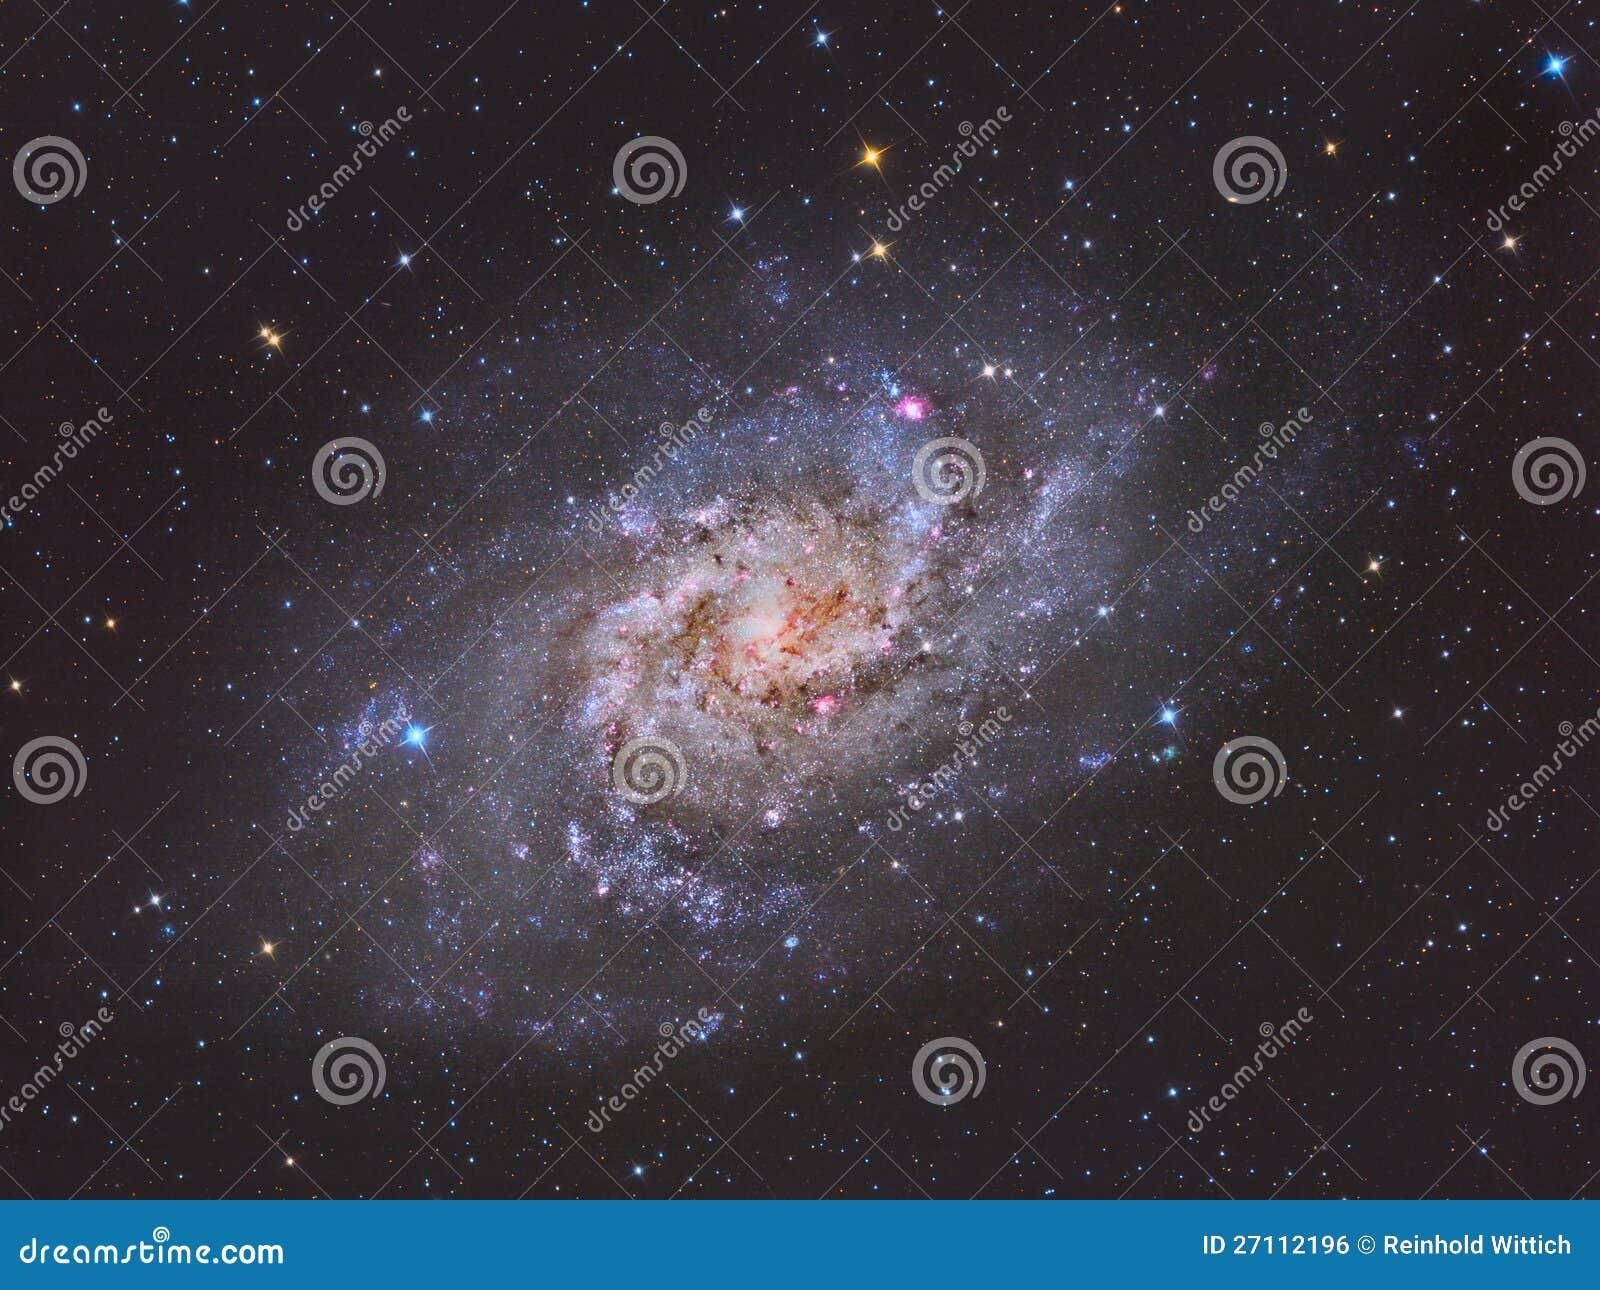 Triangulum星系M33